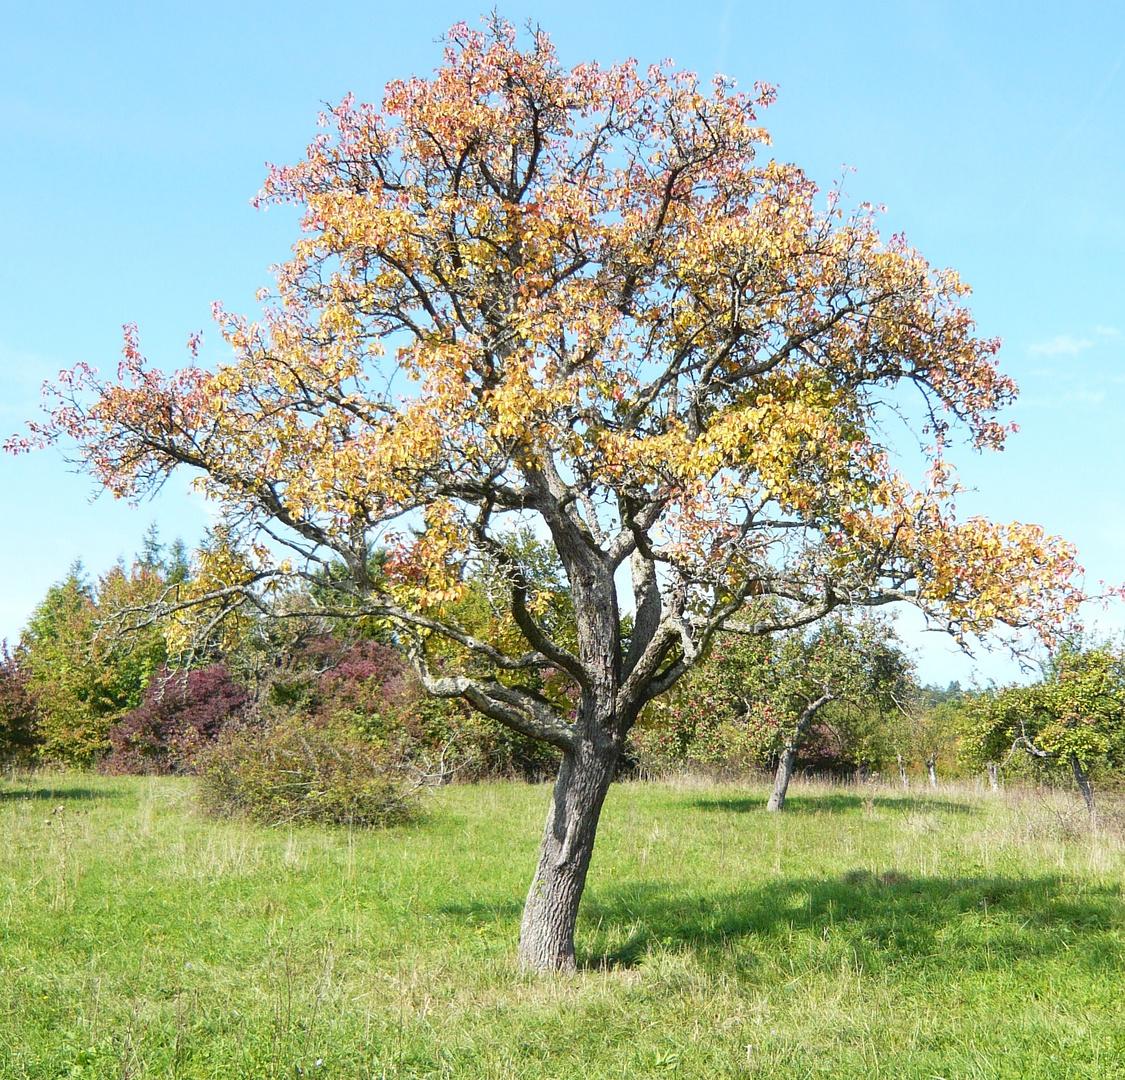 apfelbaum foto bild landschaft wege und pfade natur. Black Bedroom Furniture Sets. Home Design Ideas